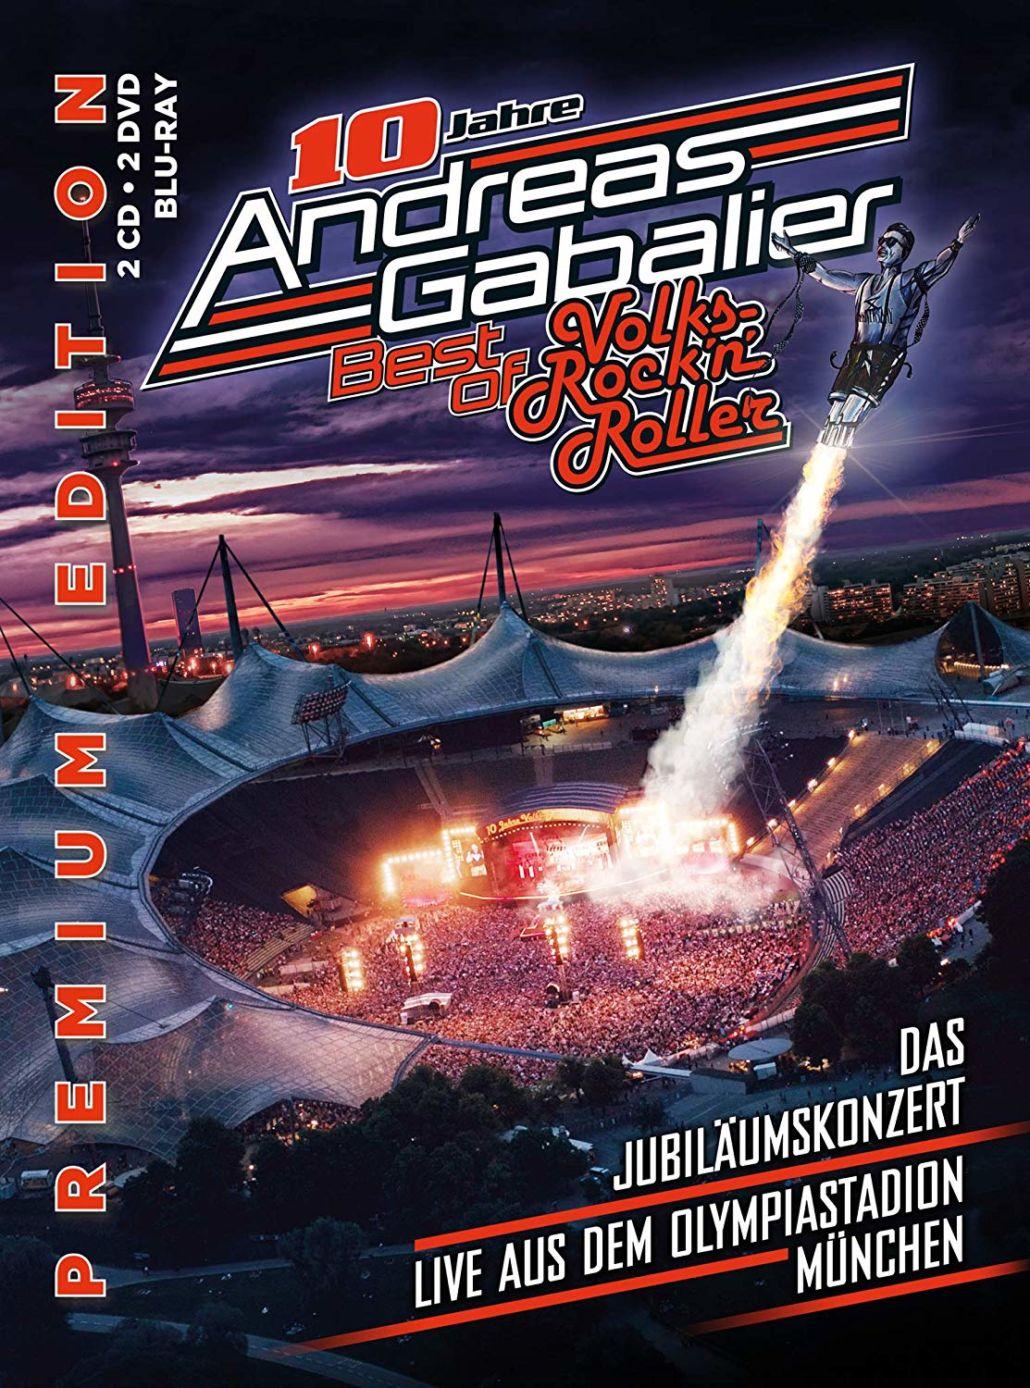 Andreas Gabalier: Volks-Rock'n'Roller